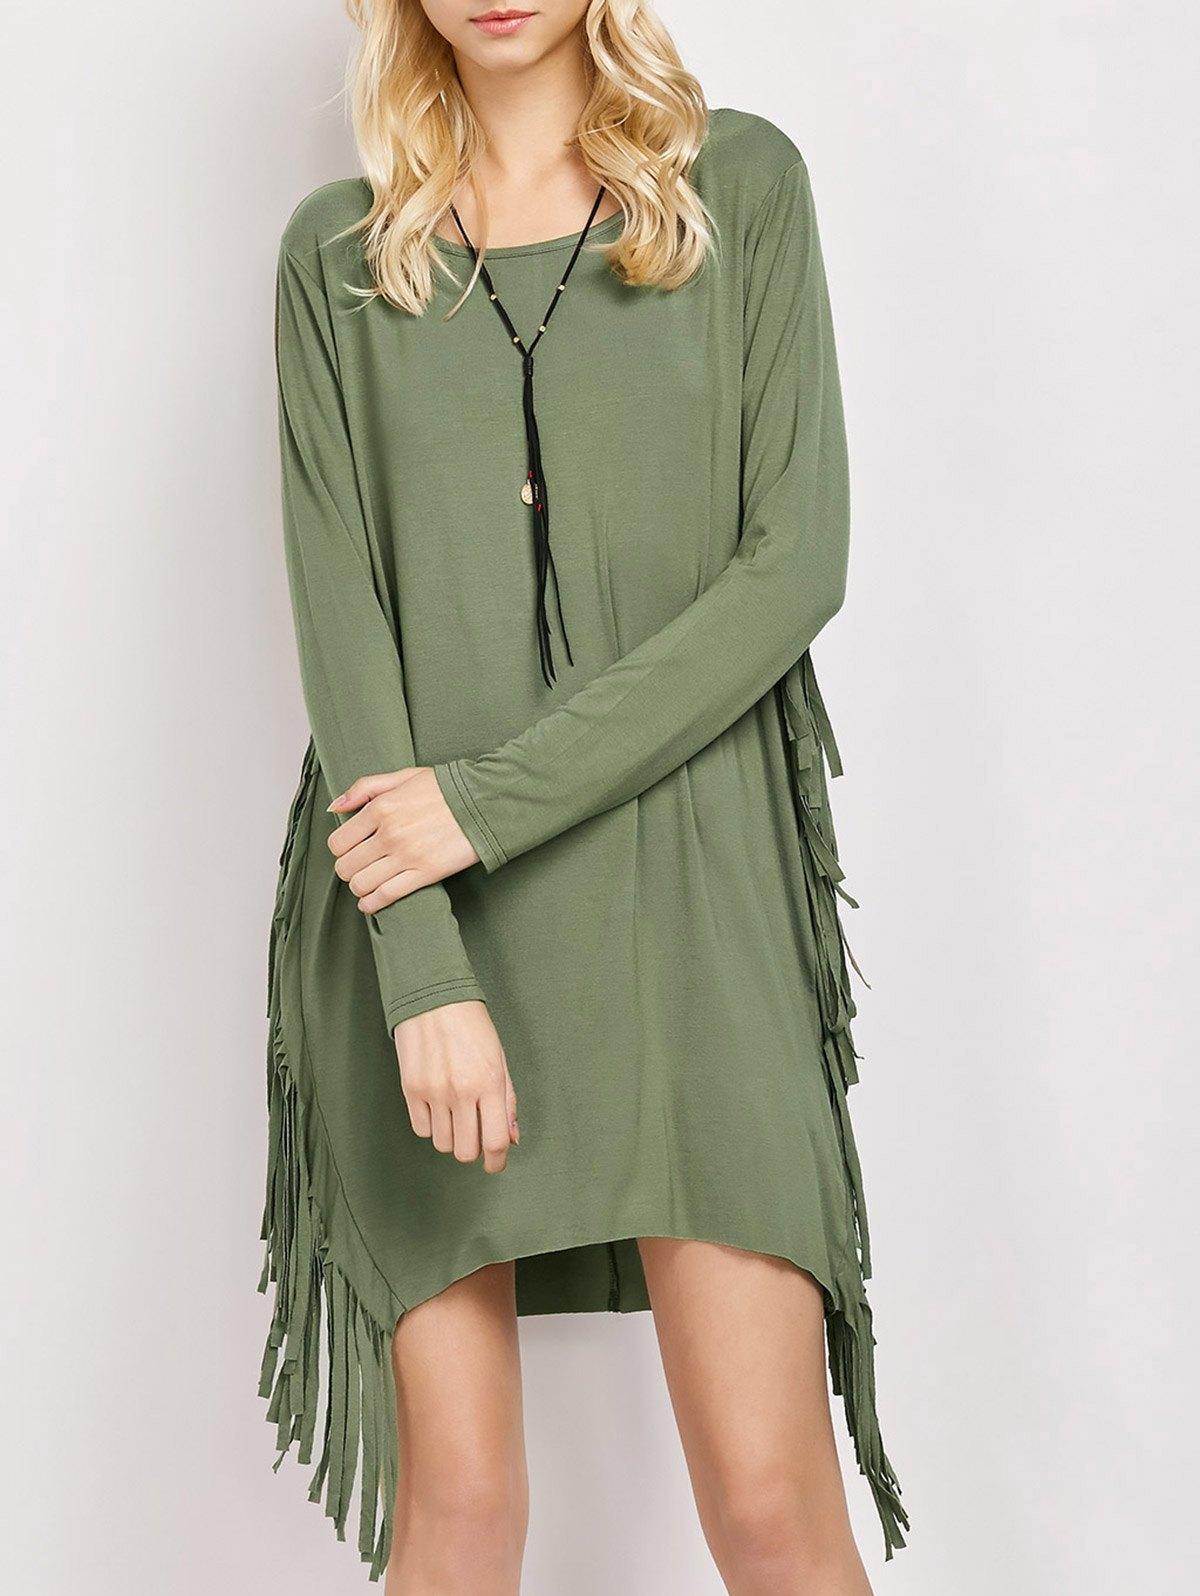 Fringed Long Sleeve Dress